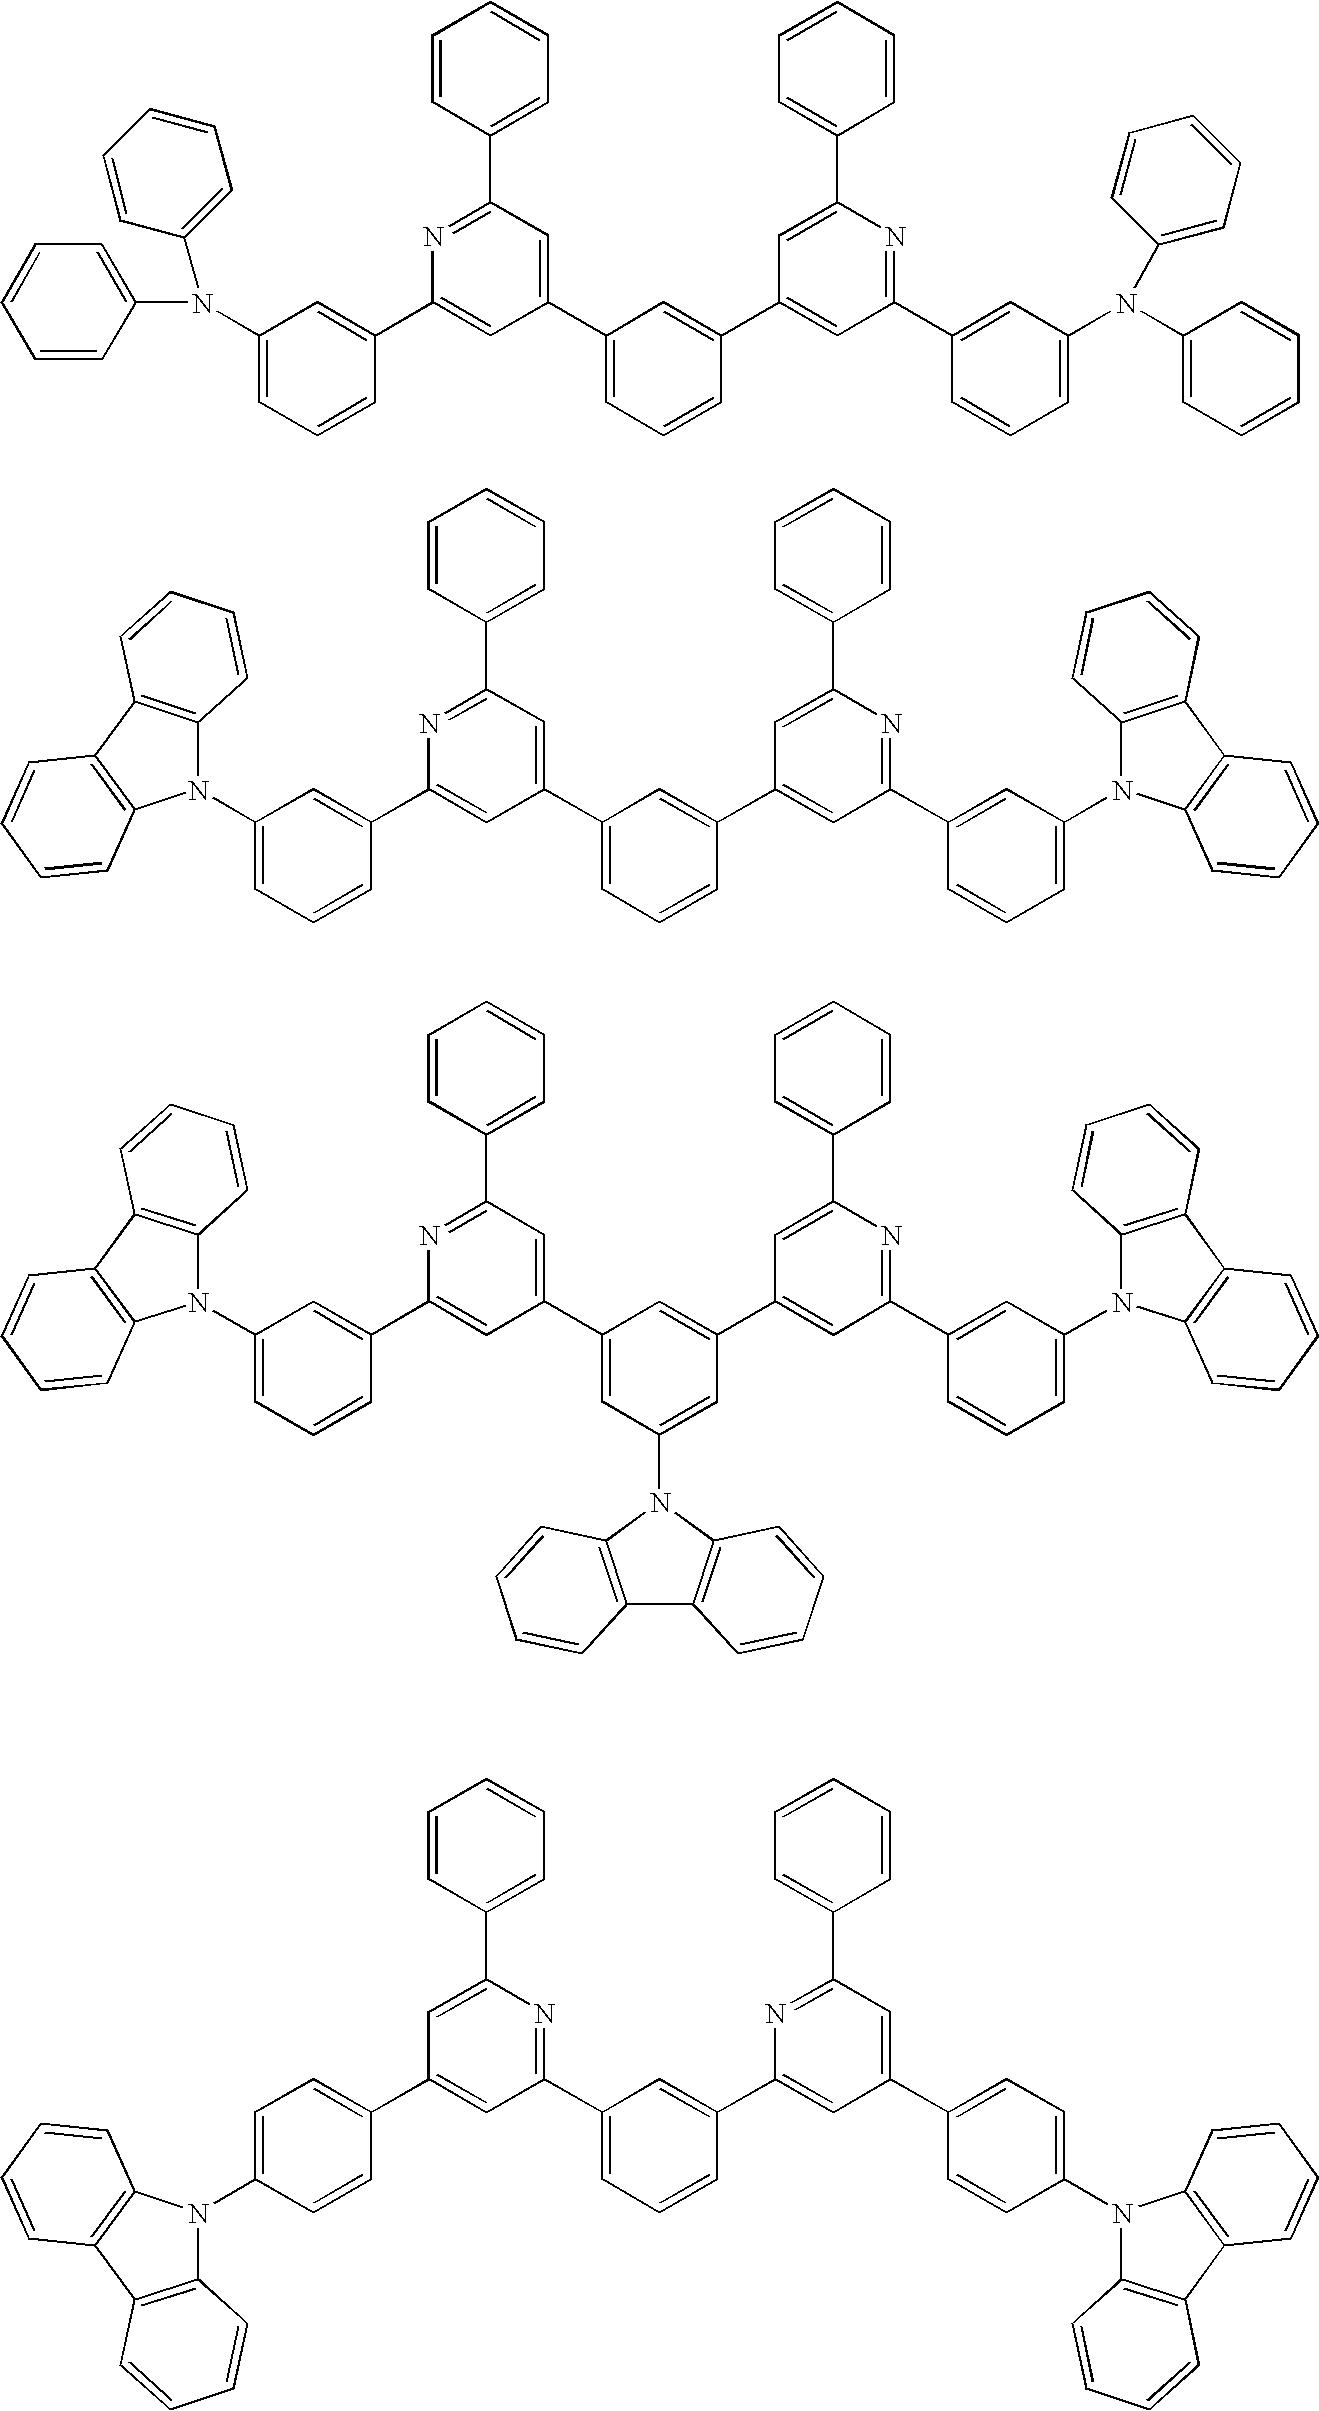 Figure US20060186796A1-20060824-C00064